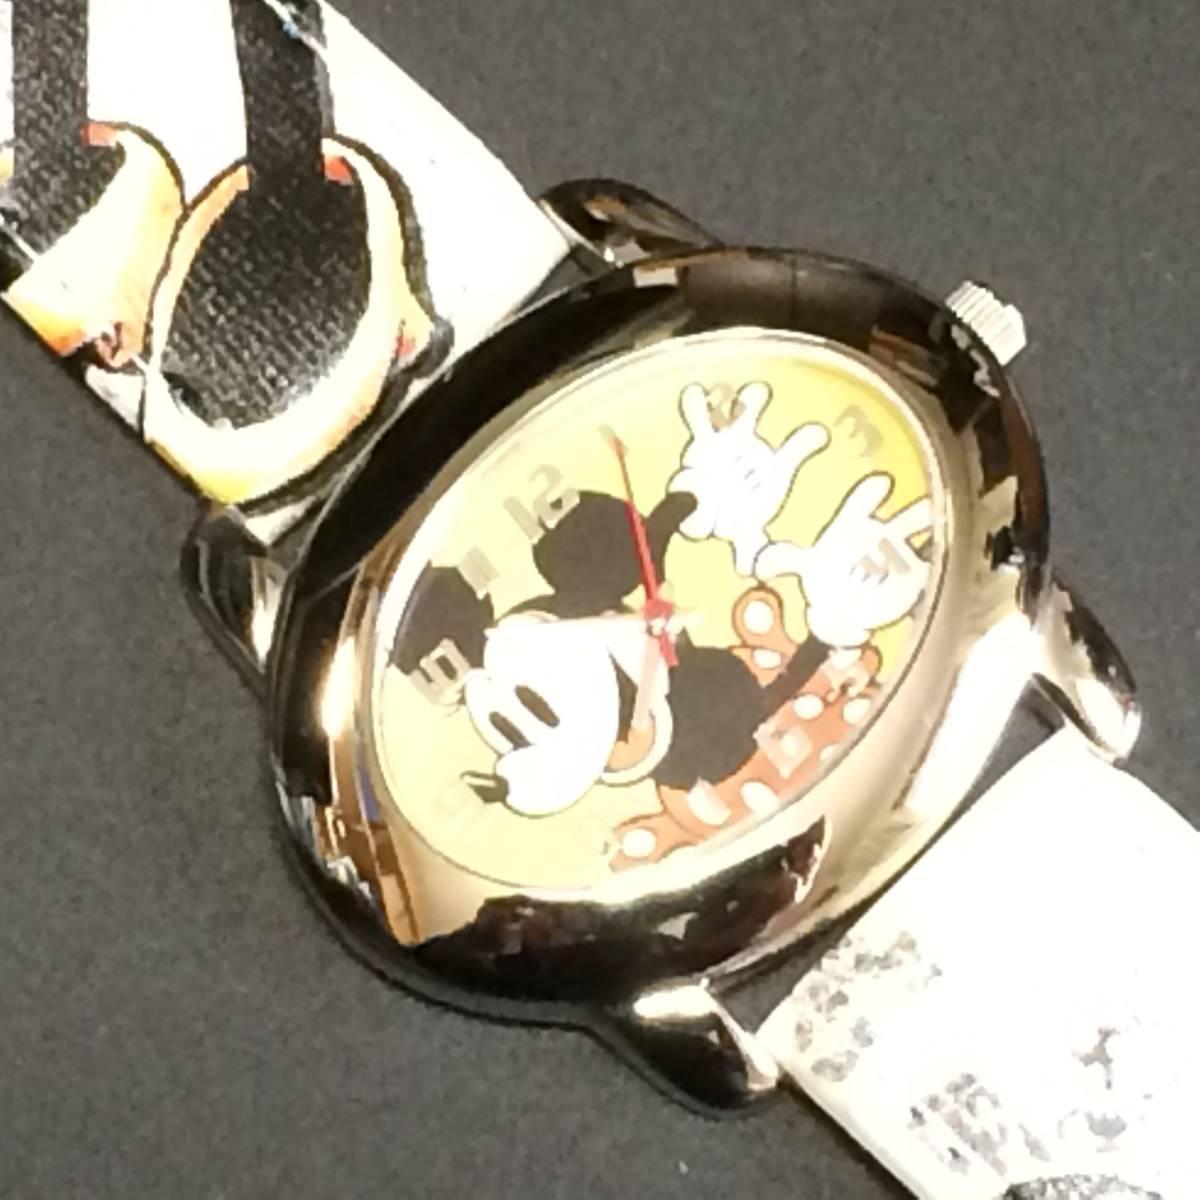 ディズニー ★ ディズニーウオッチ (ミッキーマウス) 腕時計 昭和 希少_画像1